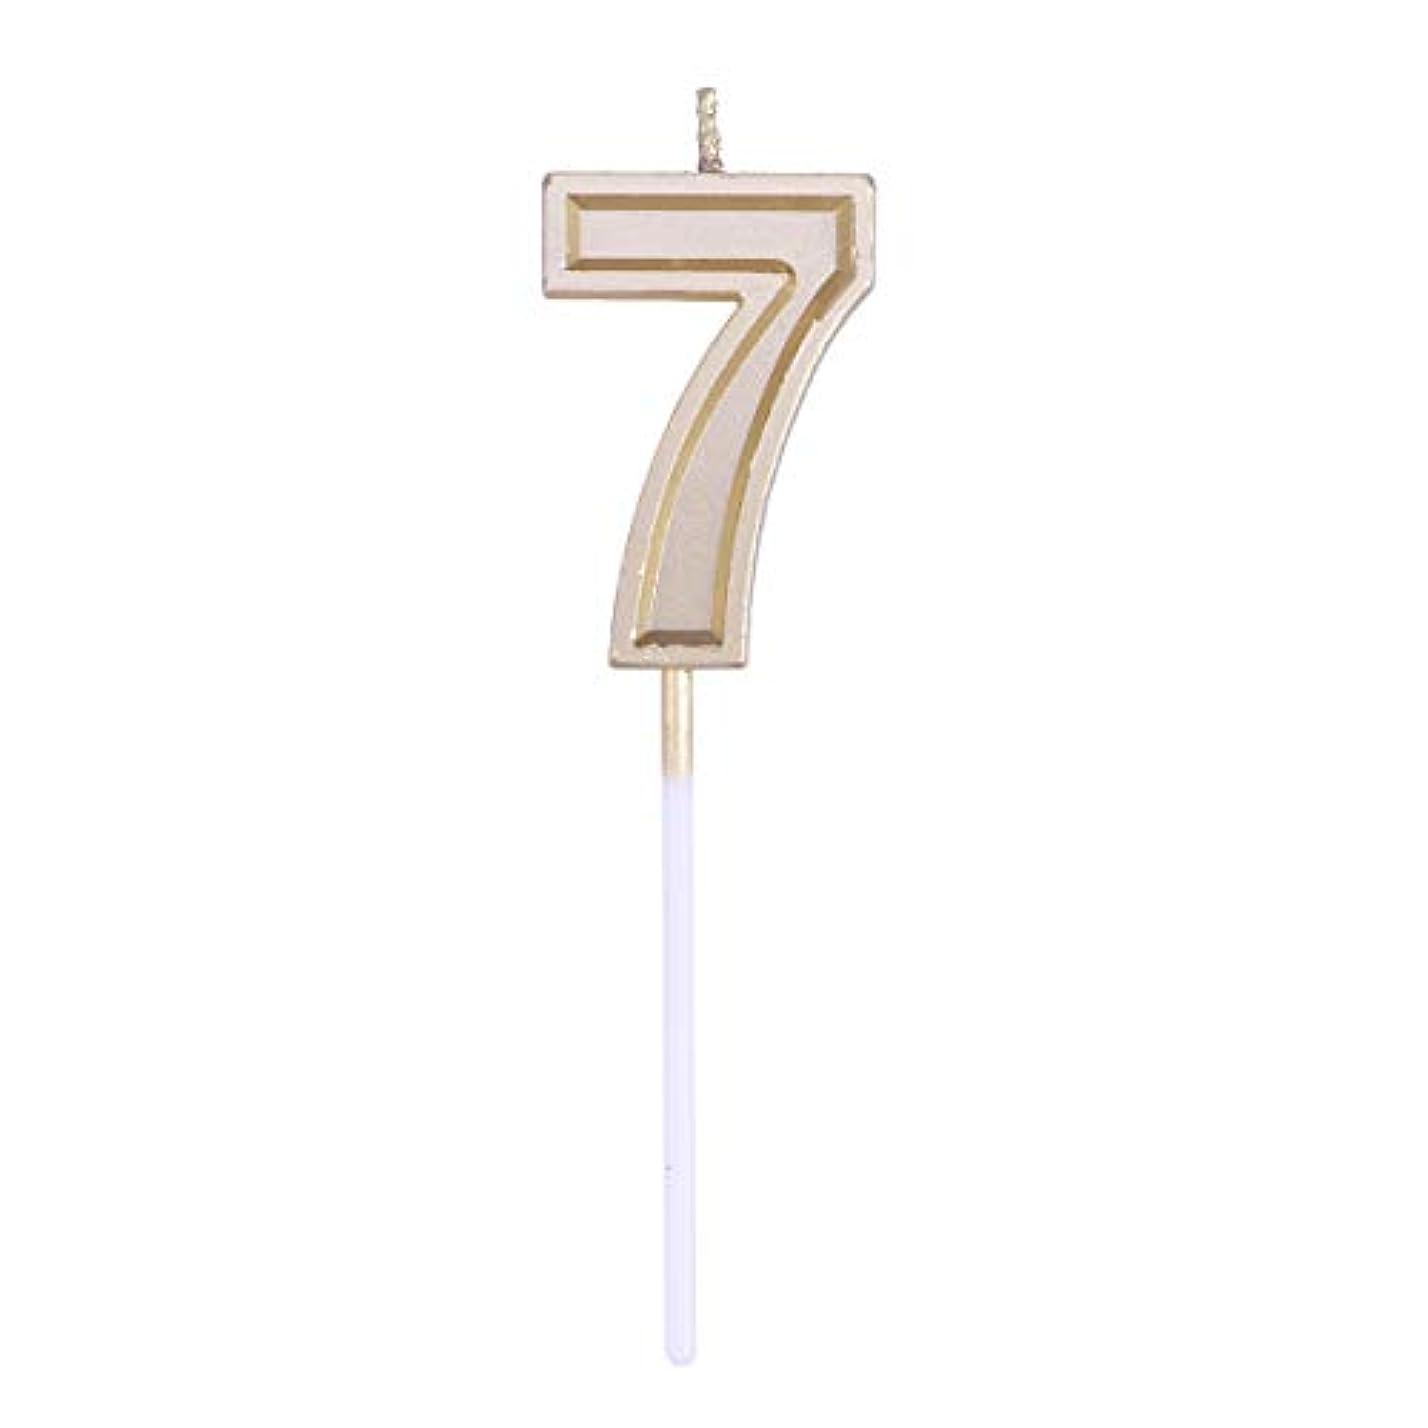 確立します促進する道徳のToyvian ゴールドラメ誕生日おめでとう数字キャンドル番号キャンドルケーキトッパー装飾用大人キッズパーティー(番号7)